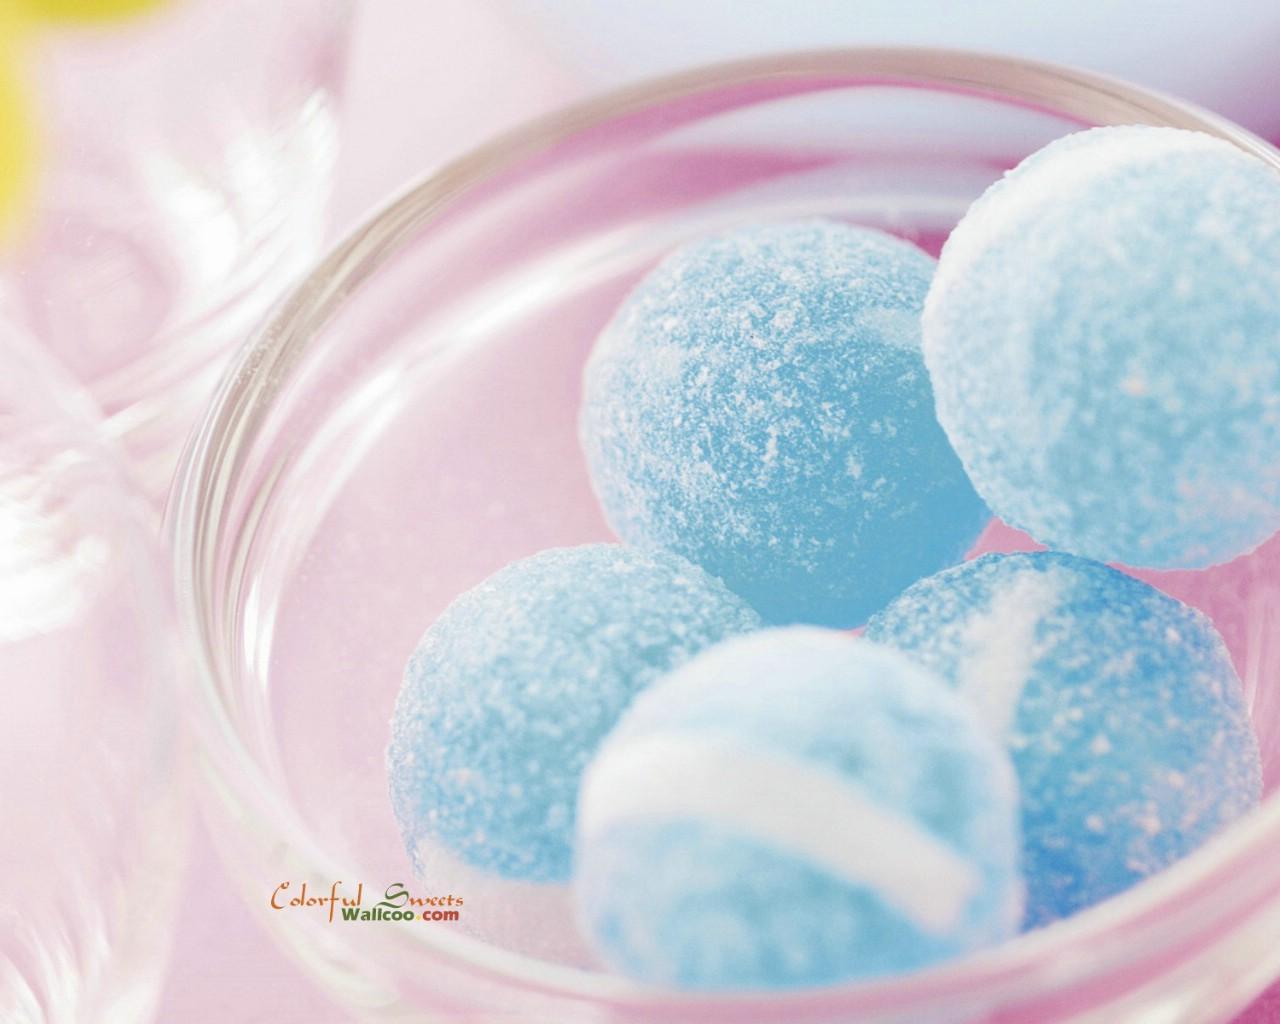 缤纷糖果摄影壁纸(第二辑):梦幻糖果摄影-粉色系糖果图片; 七彩糖果色